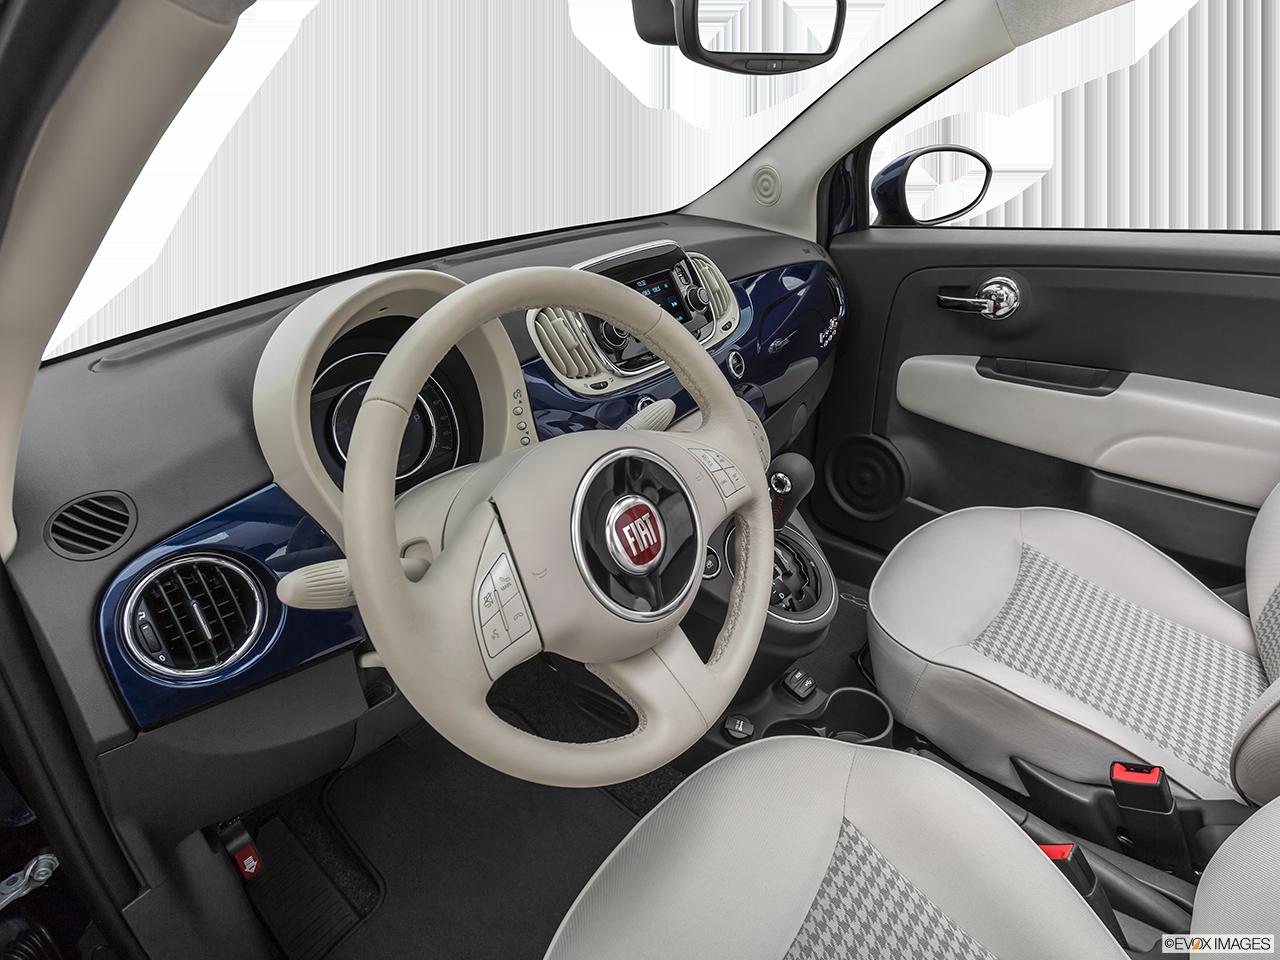 2019 FIAT 500c photo